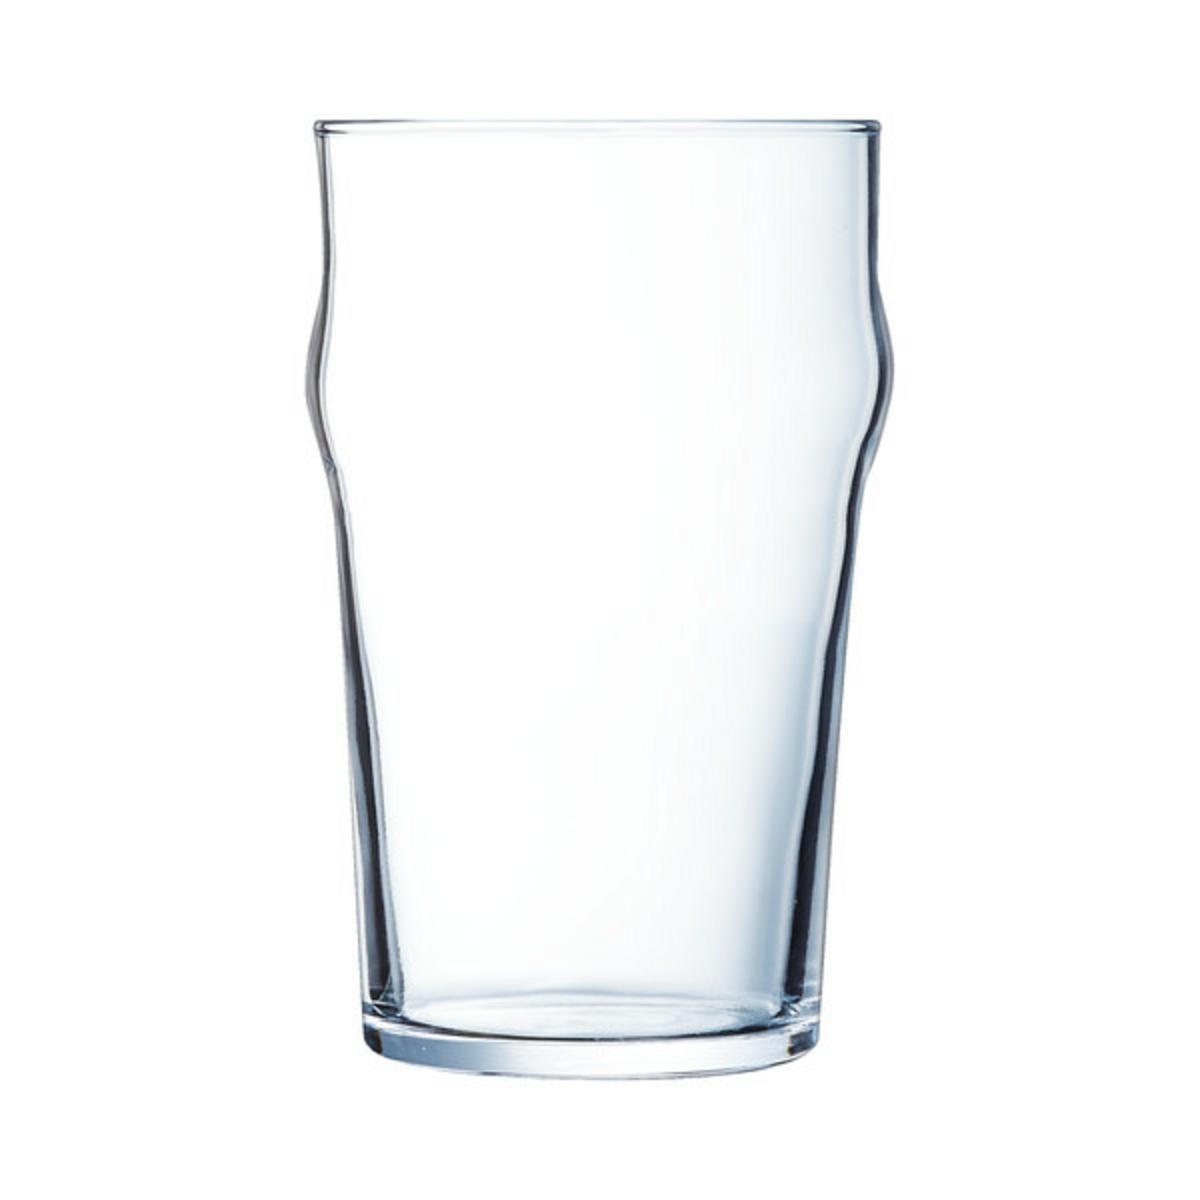 Verre à bière 57 cl Nonic Arcoroc